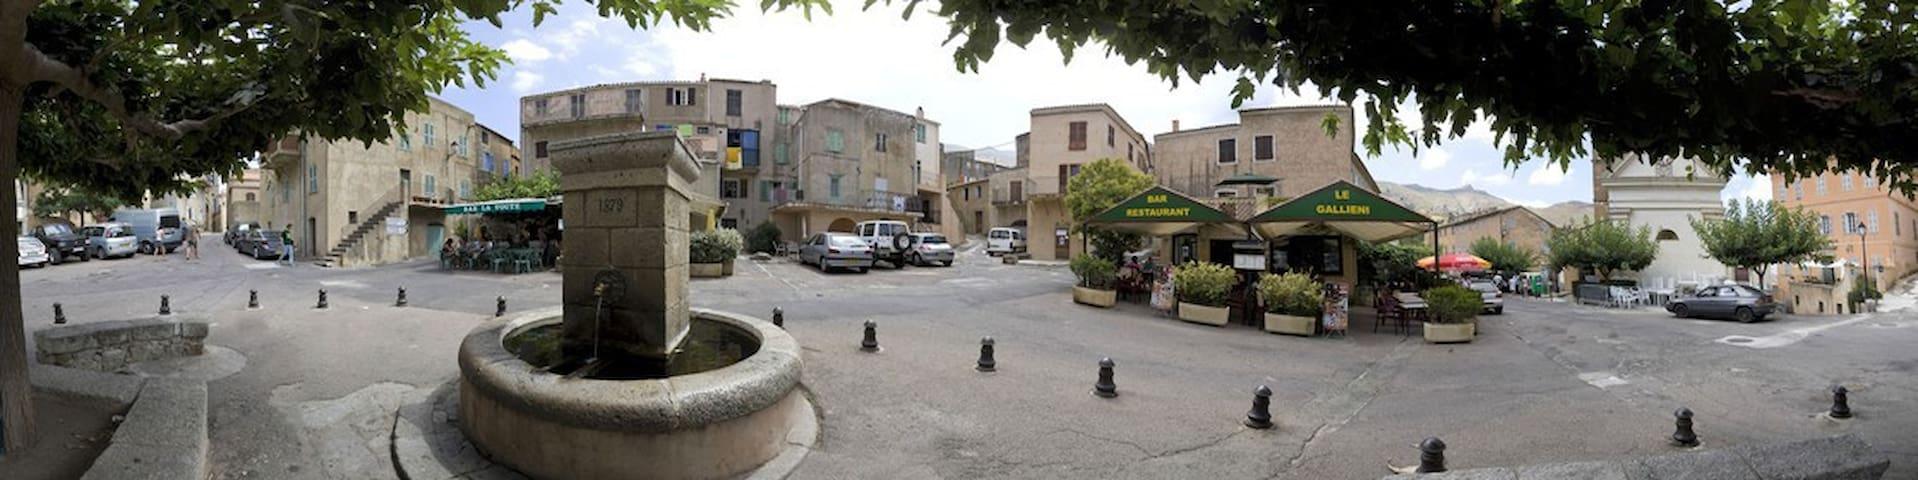 La place centrale de Spéloncato. Le bar-restaurant familial Le Gallieni